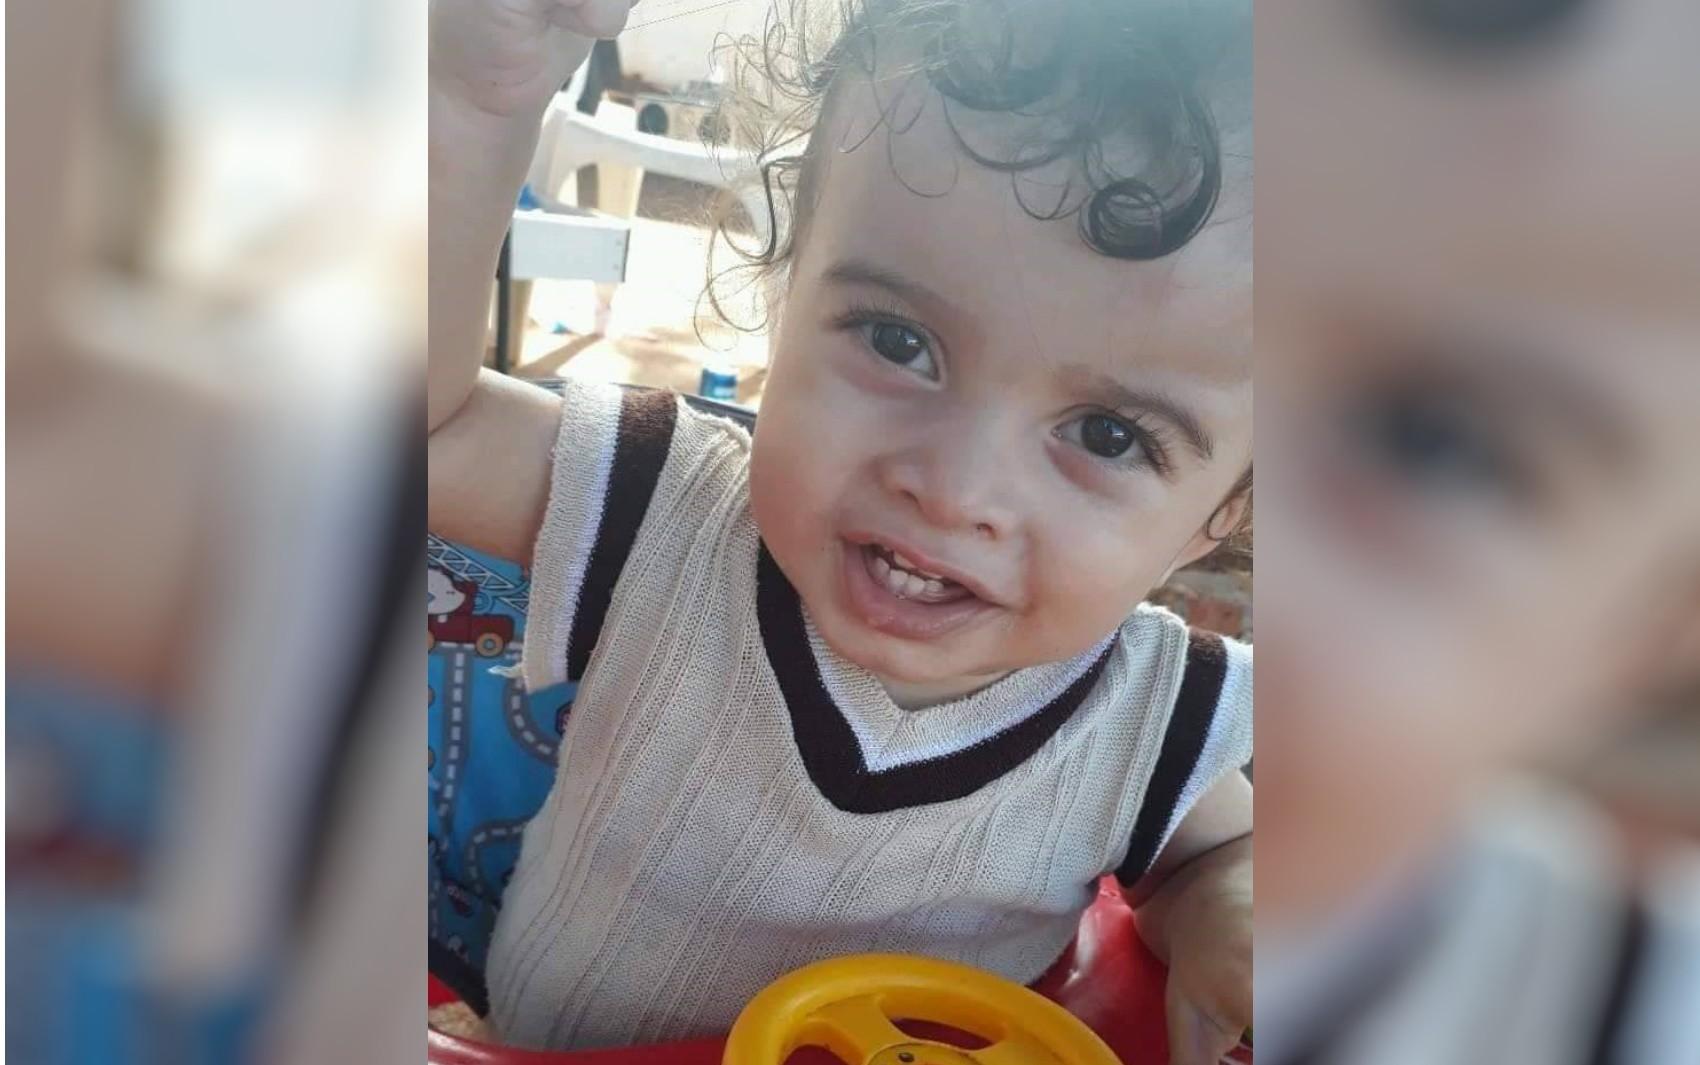 Pai diz que bebê morreu afogado em piscina após ele ser preso e obrigado a deixar filho só com irmãos pequenos; PM nega